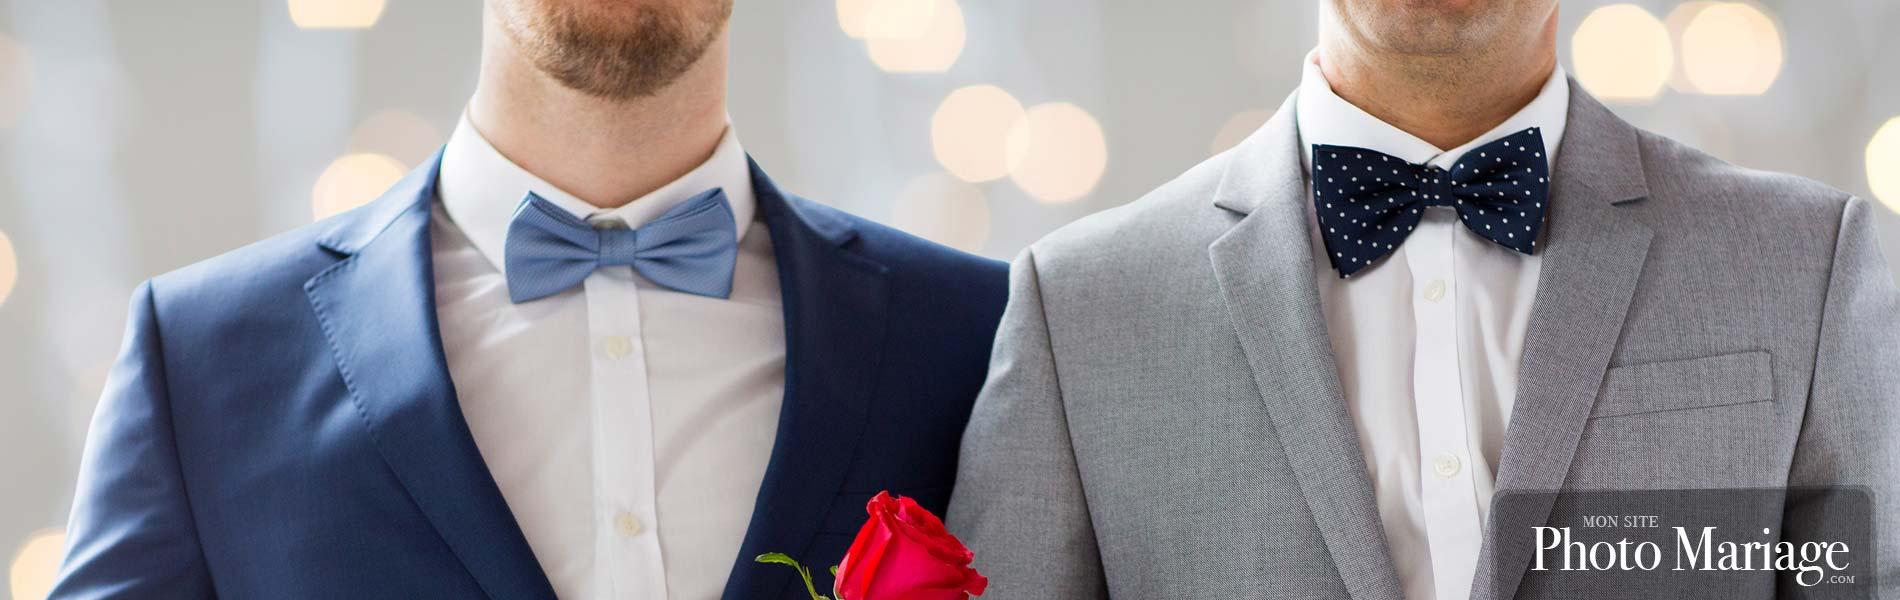 Un espace privé pour votre mariage gay